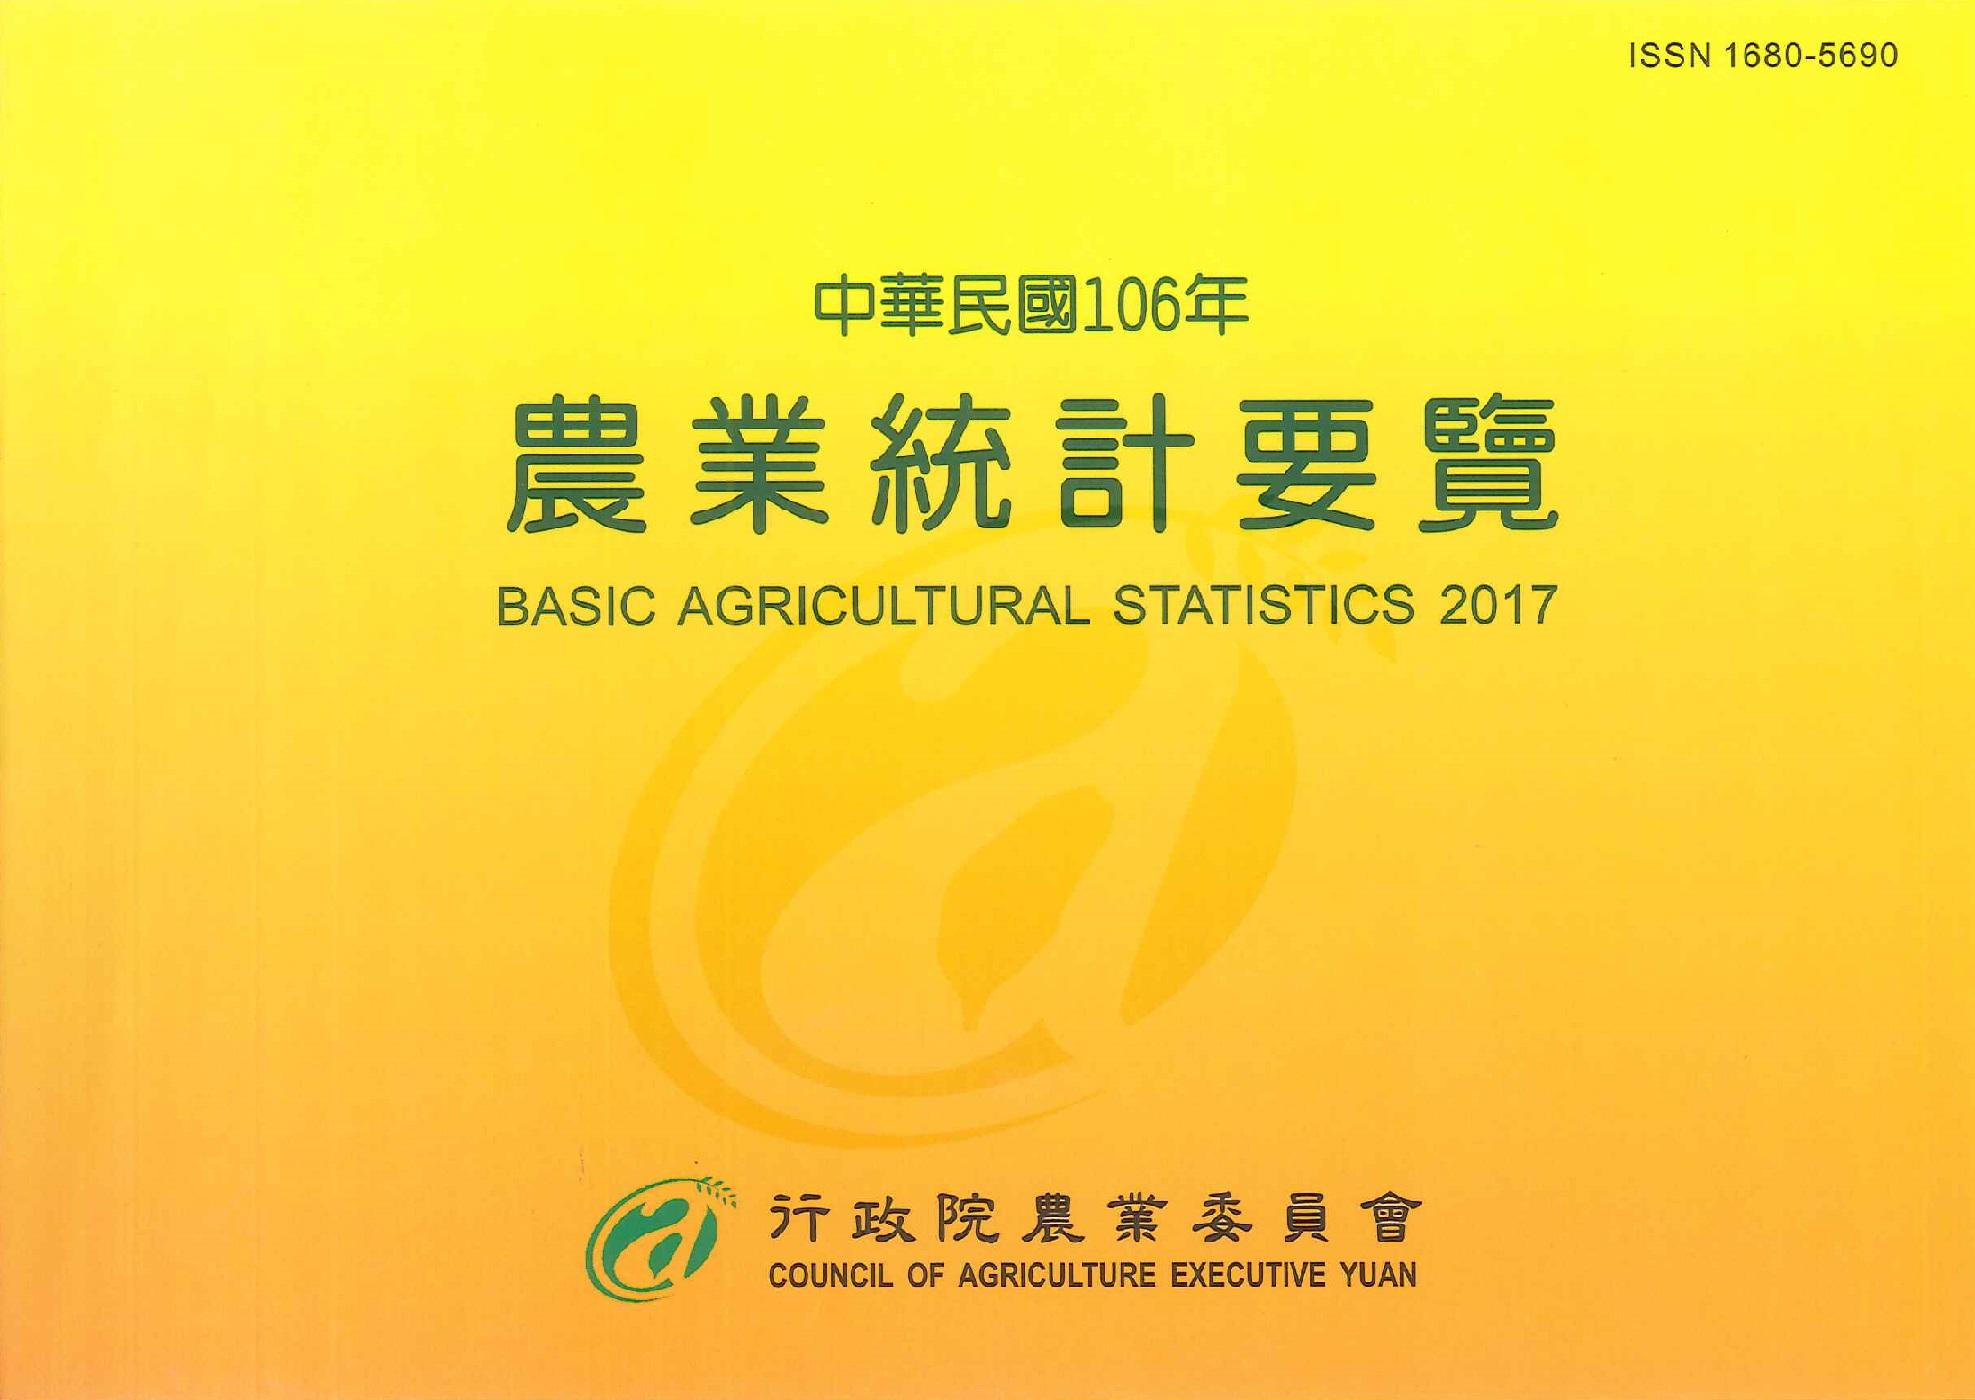 農業統計要覽=Basic agricultural statistics